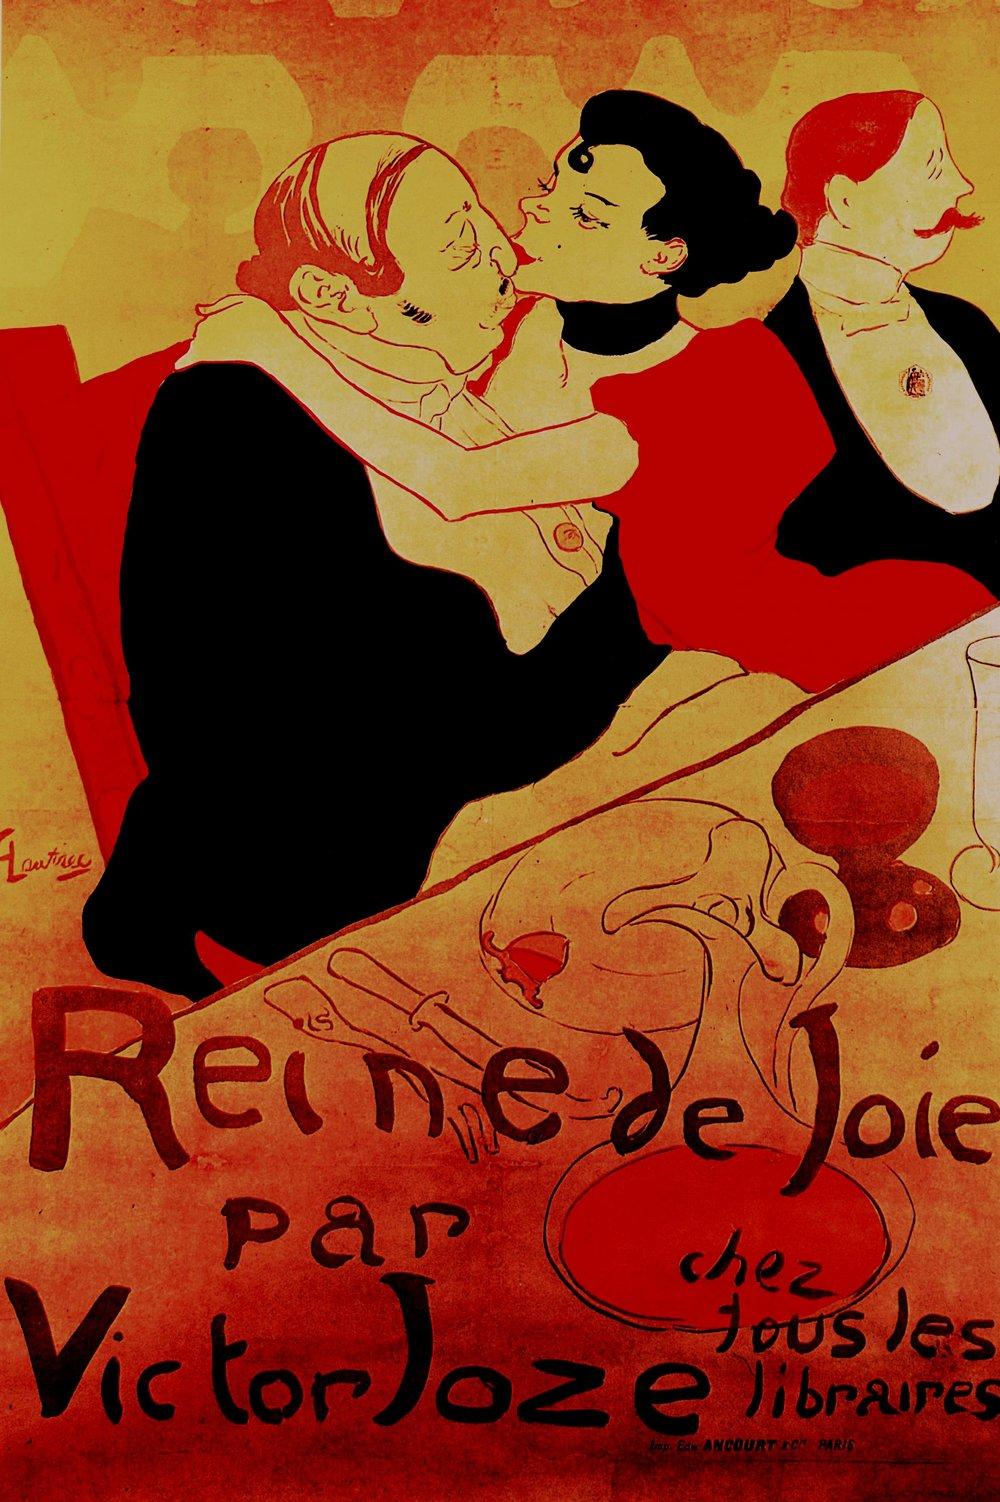 art-poster-advertisement-entertainment-toulouse-lautrec-1892.jpg